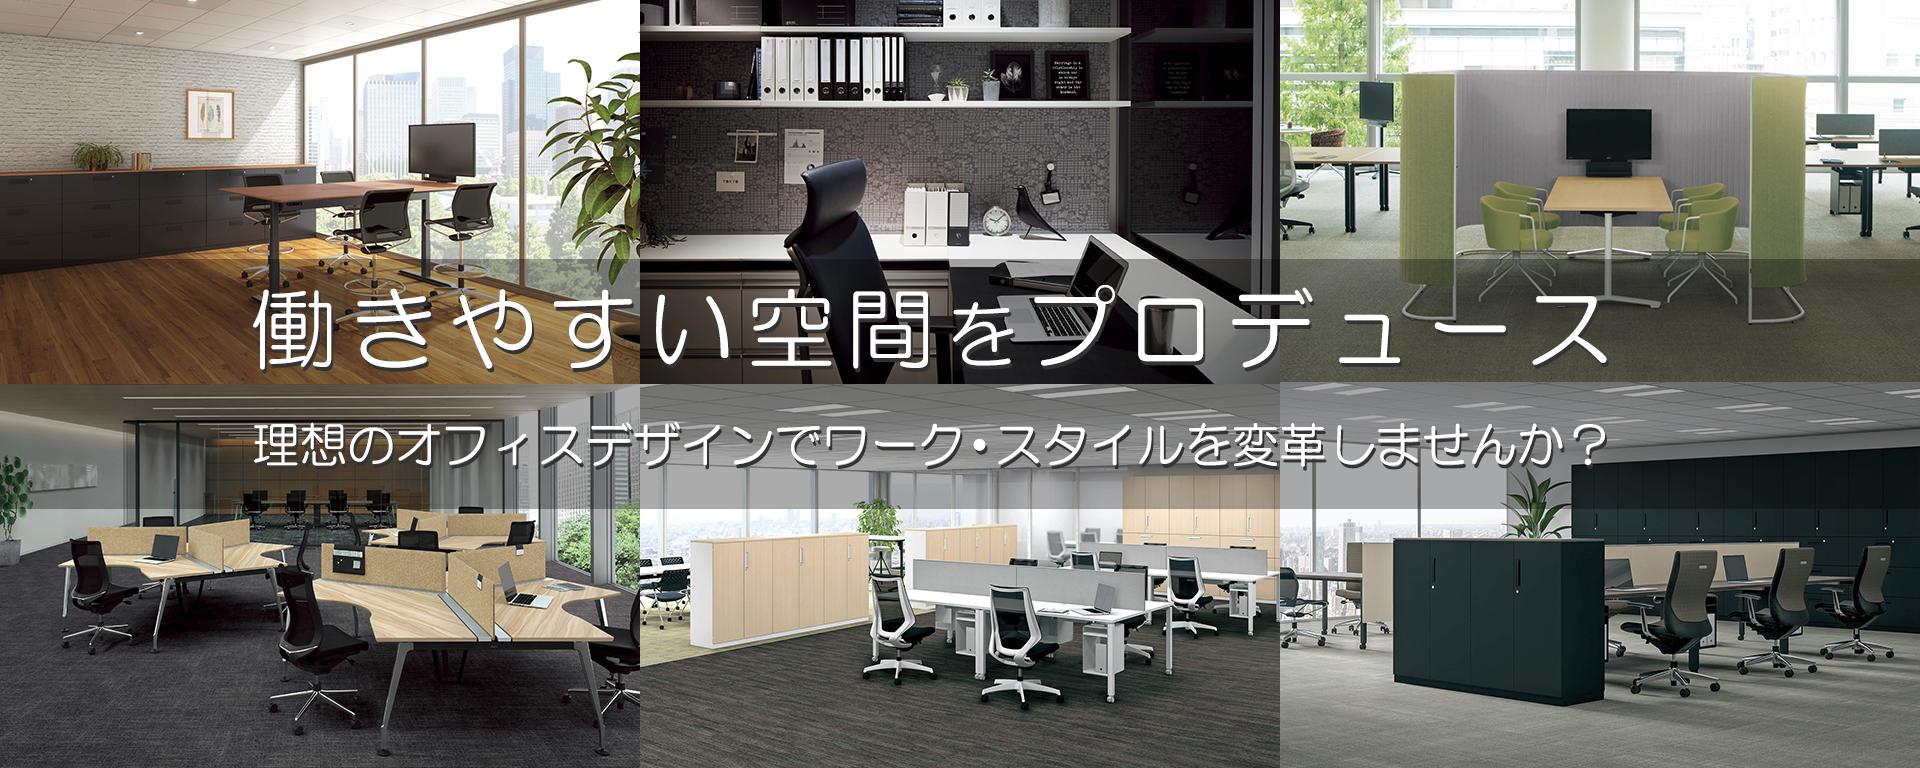 働きやすい空間をプロデュース〜理想のオフィスデザインでワーク・スタイルを変革しませんか?